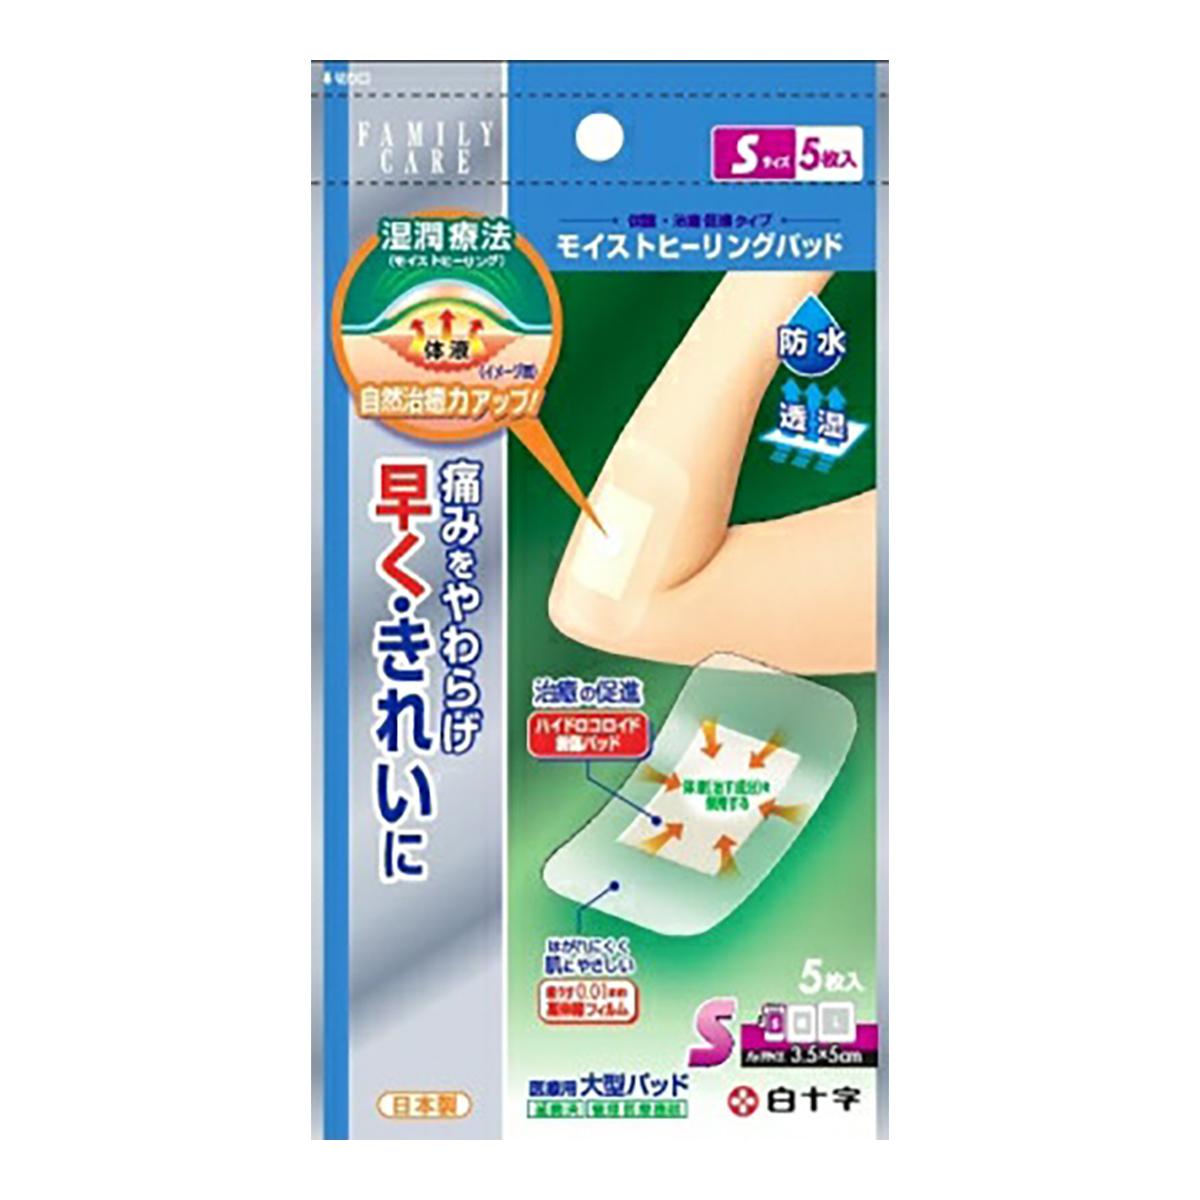 【送料無料】FC モイストヒーリングパッド S 5枚入×100個セット ( 4987603464698 )